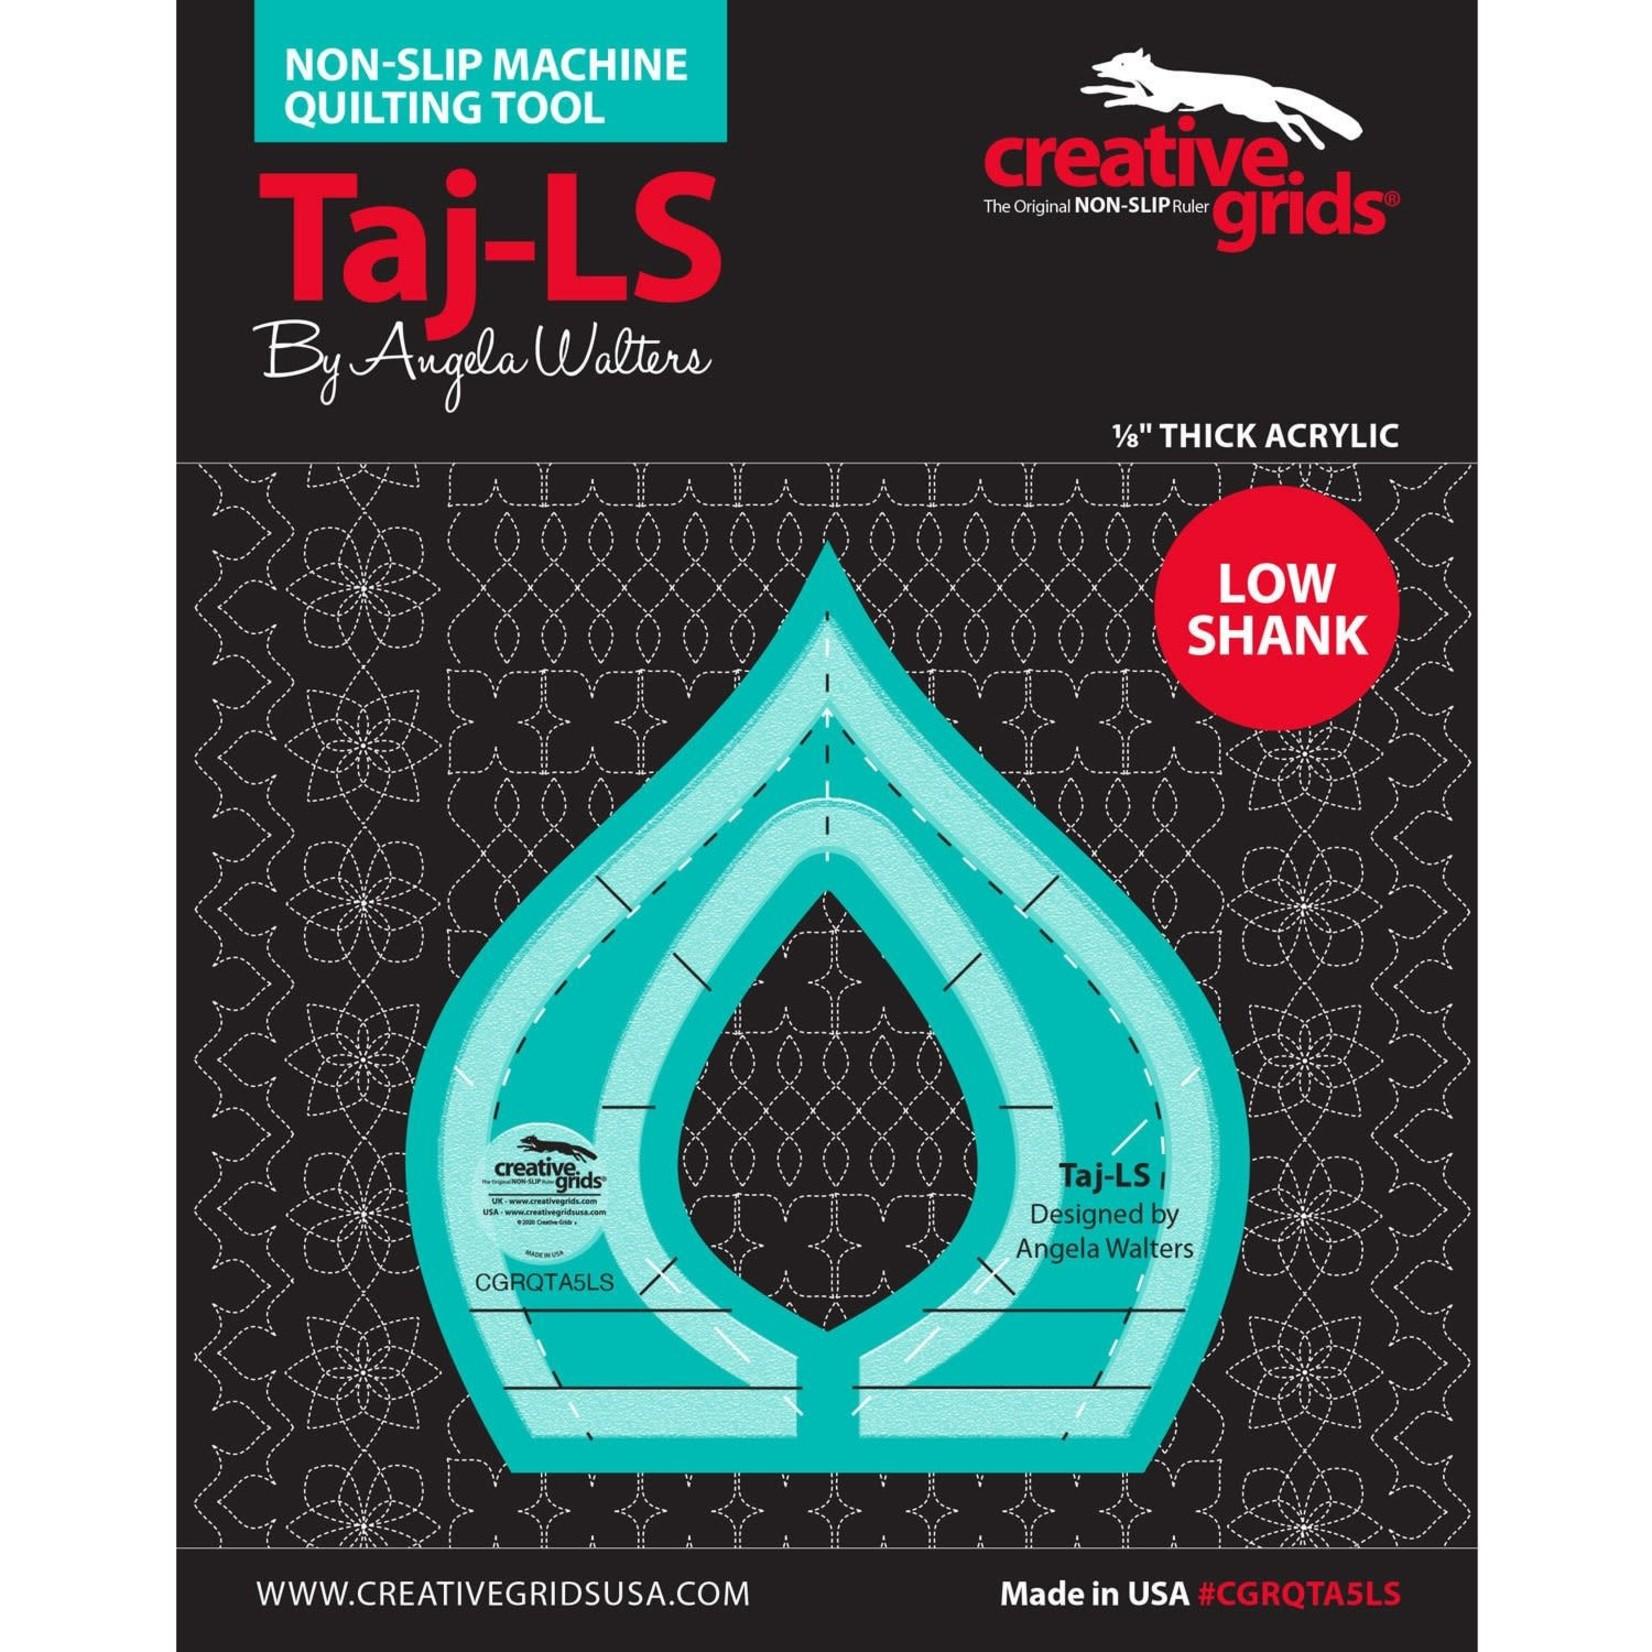 CREATIVE GRIDS CREATIVE GRID TAJ-LS CGRQTA5LS